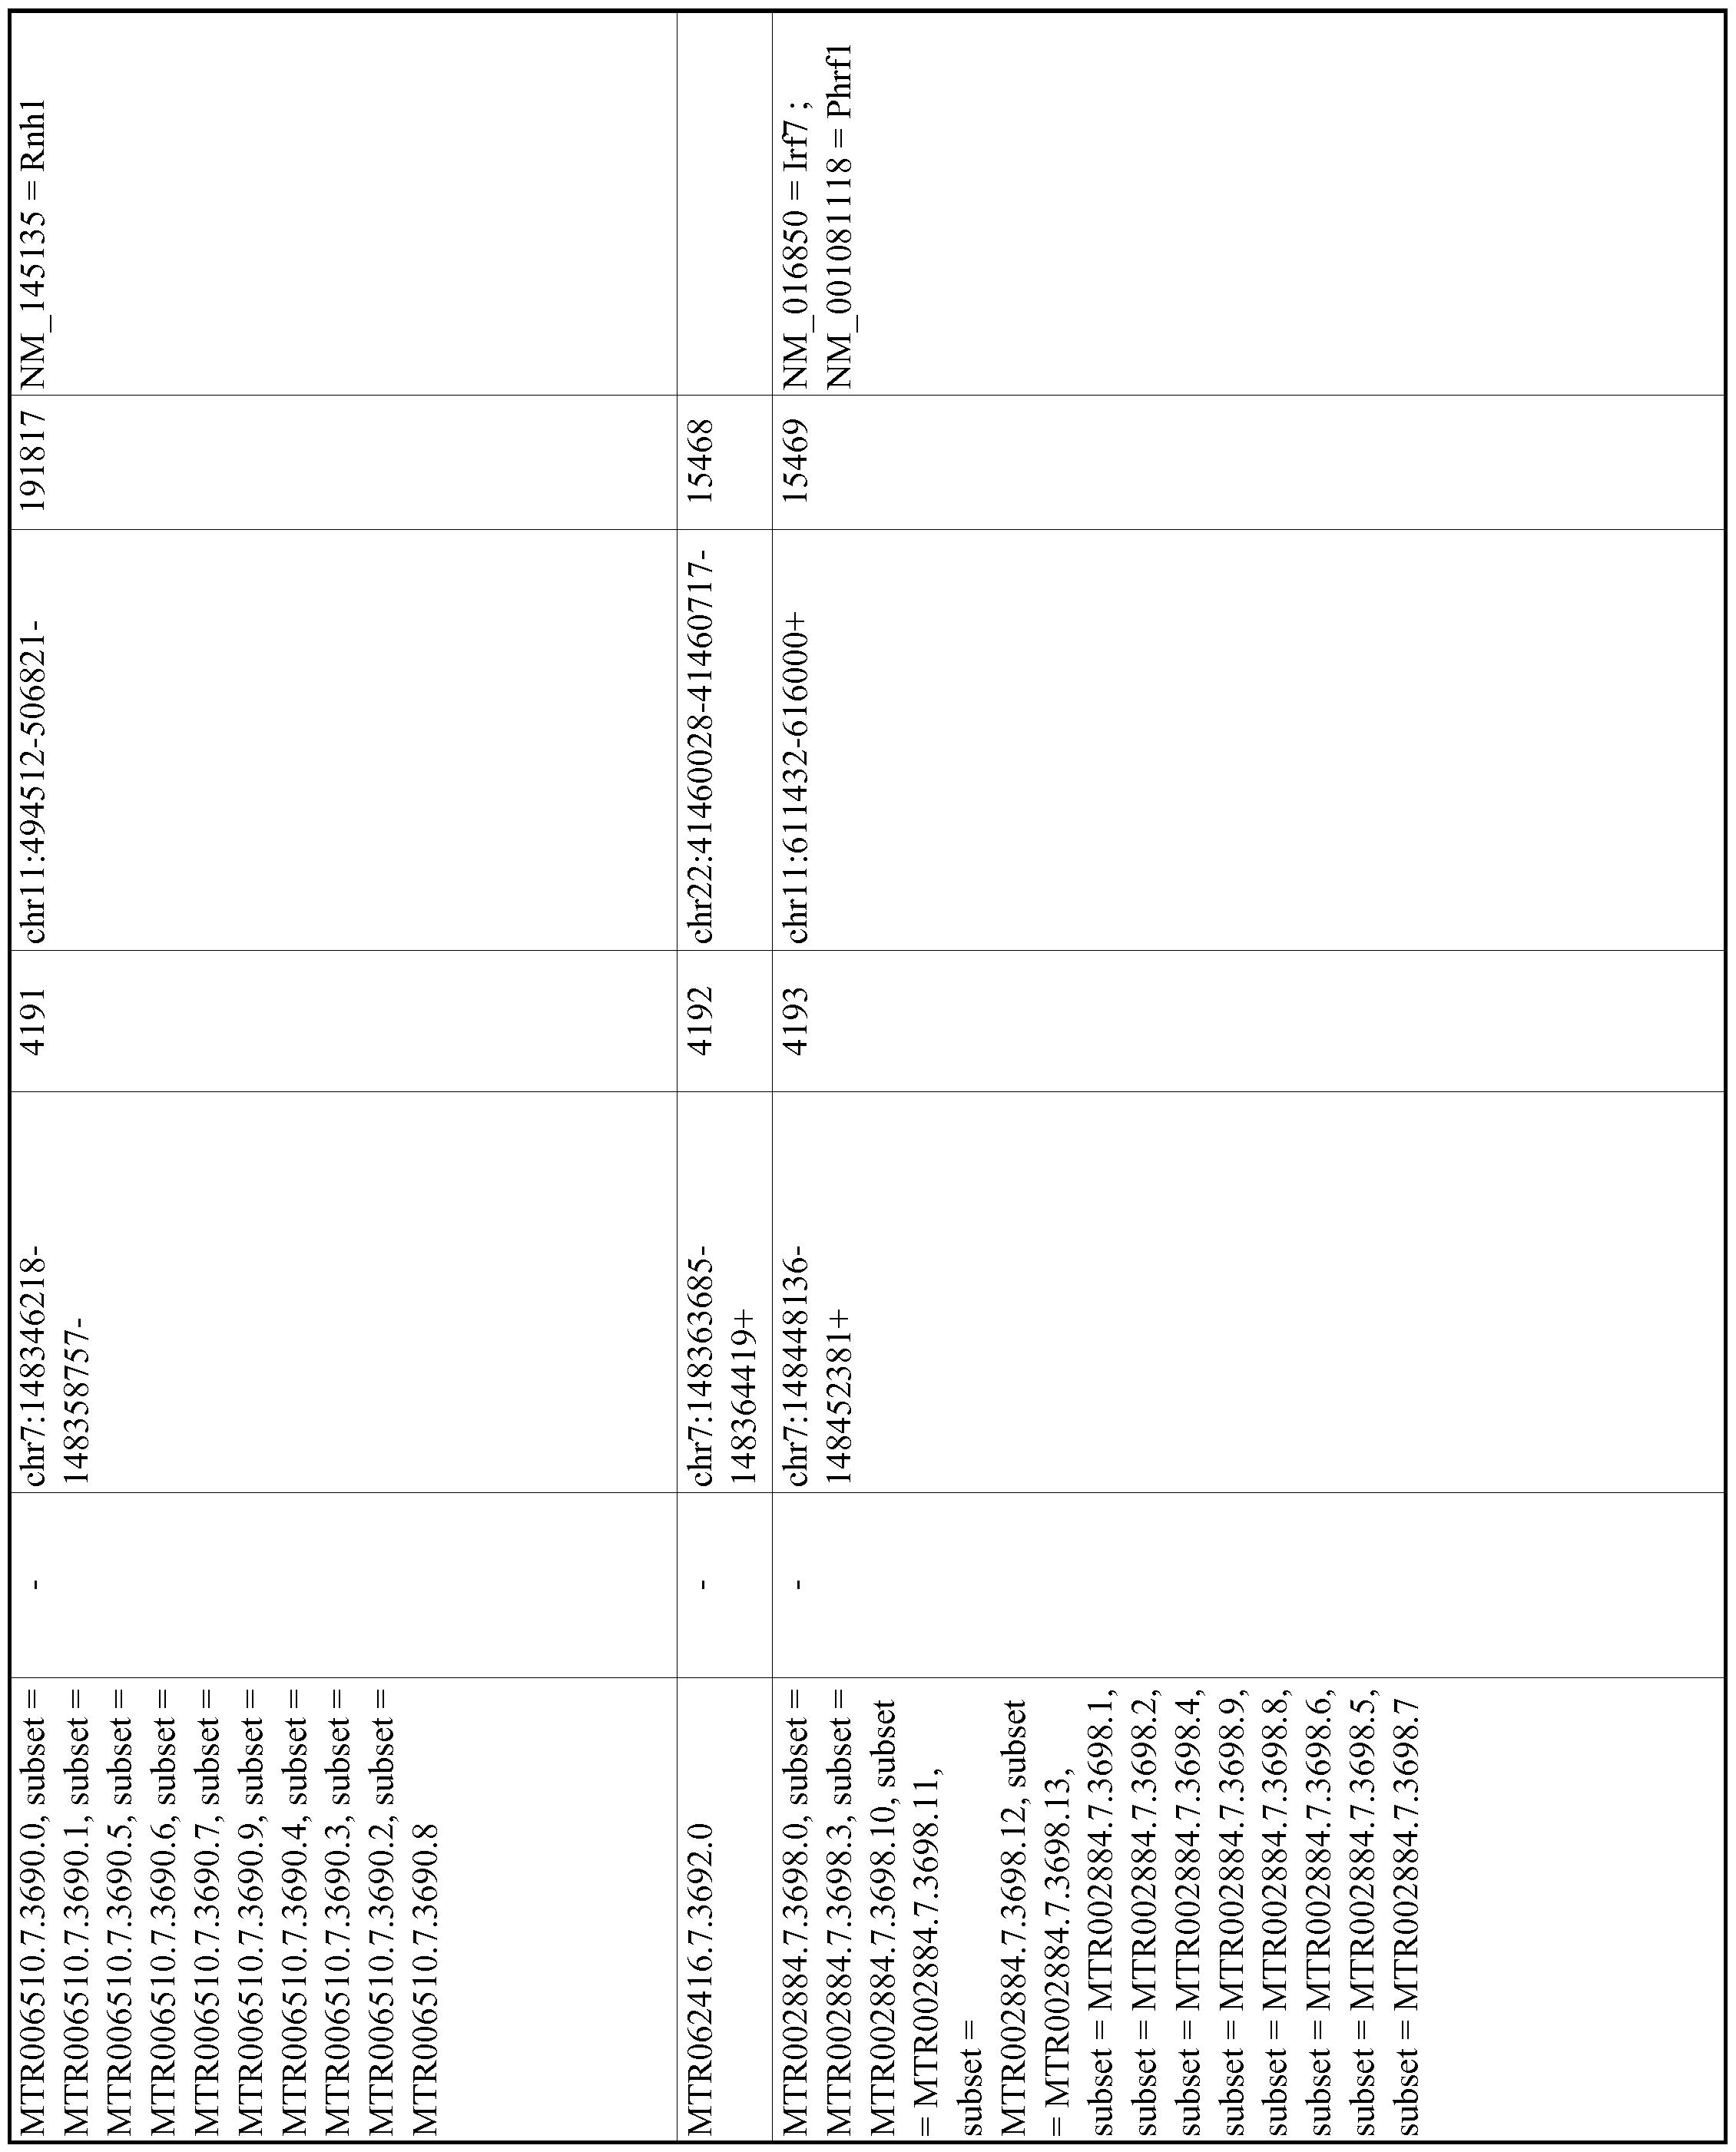 Figure imgf000792_0001